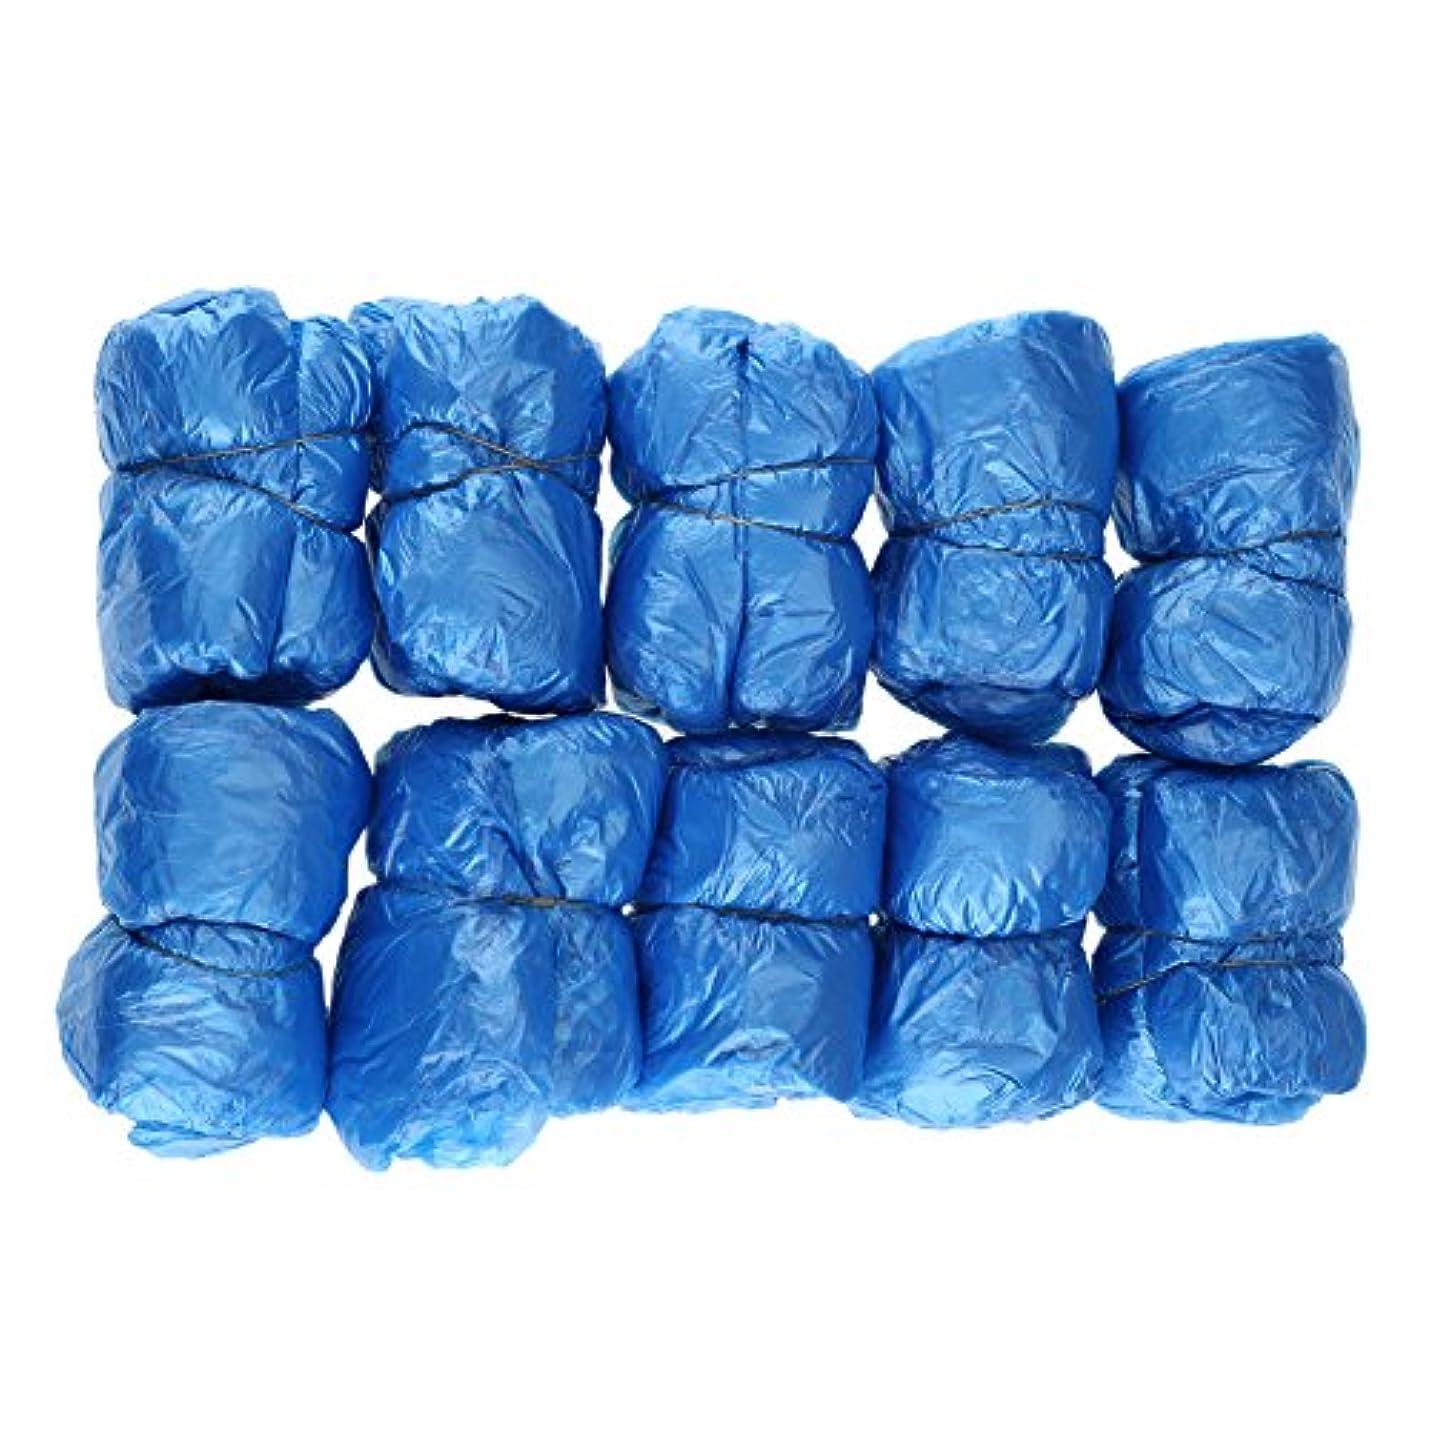 教育学団結取るに足らない100枚入 使い捨て靴カバー シューズカバー 靴カバー サイズフリー簡単 便利 衛生 家庭用品 ブルー